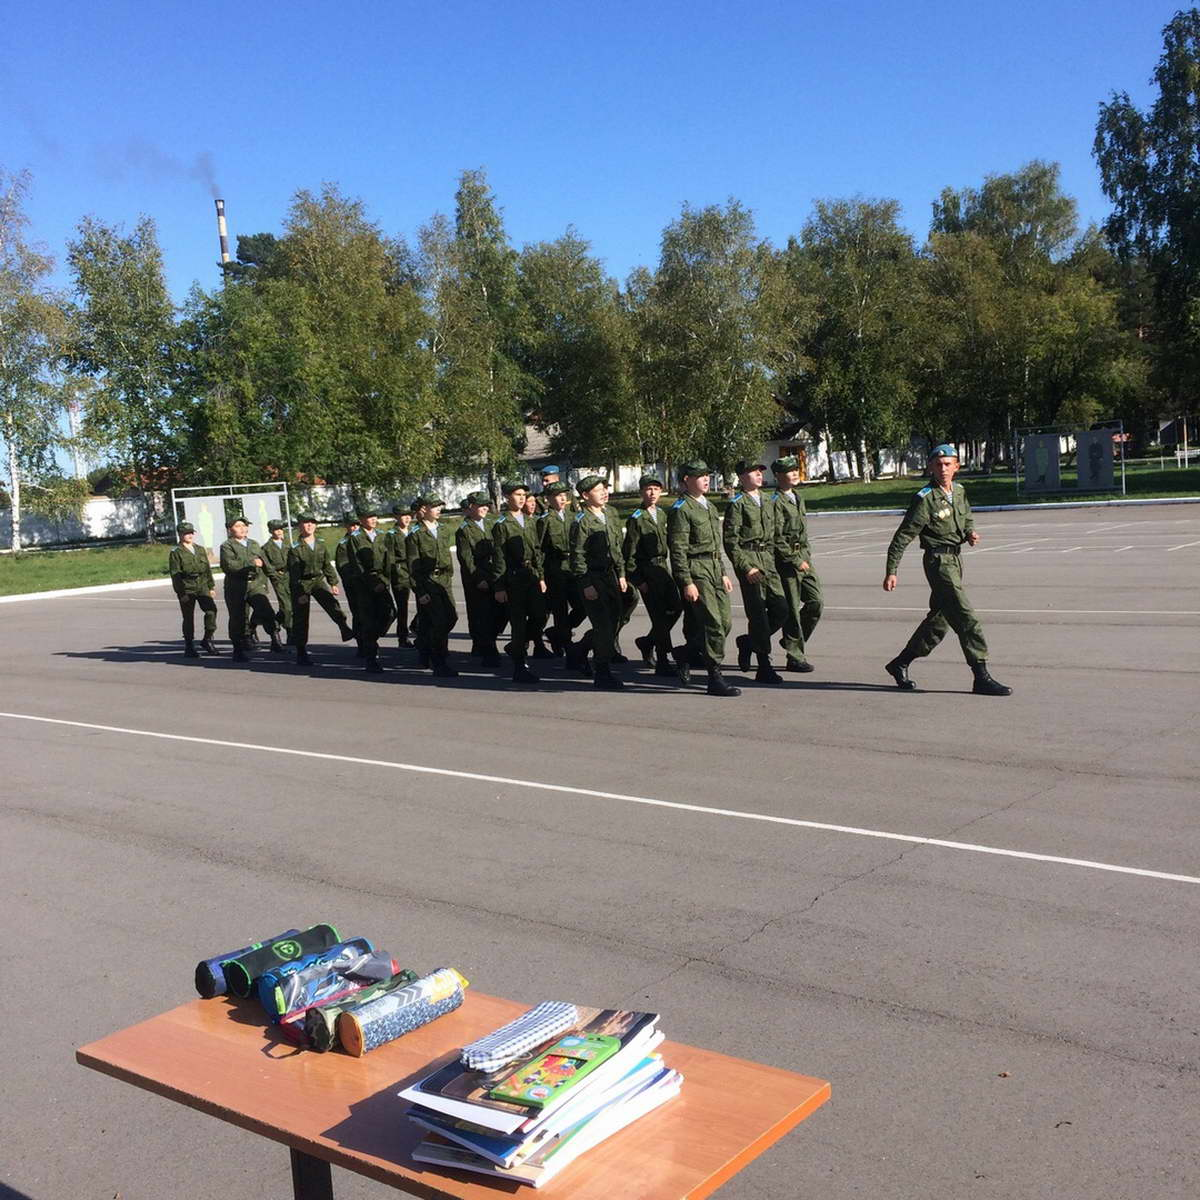 09 сентября 2019 года в г. Усолье-Сибирское стартовала неделя Воздушно Десантной подготовки